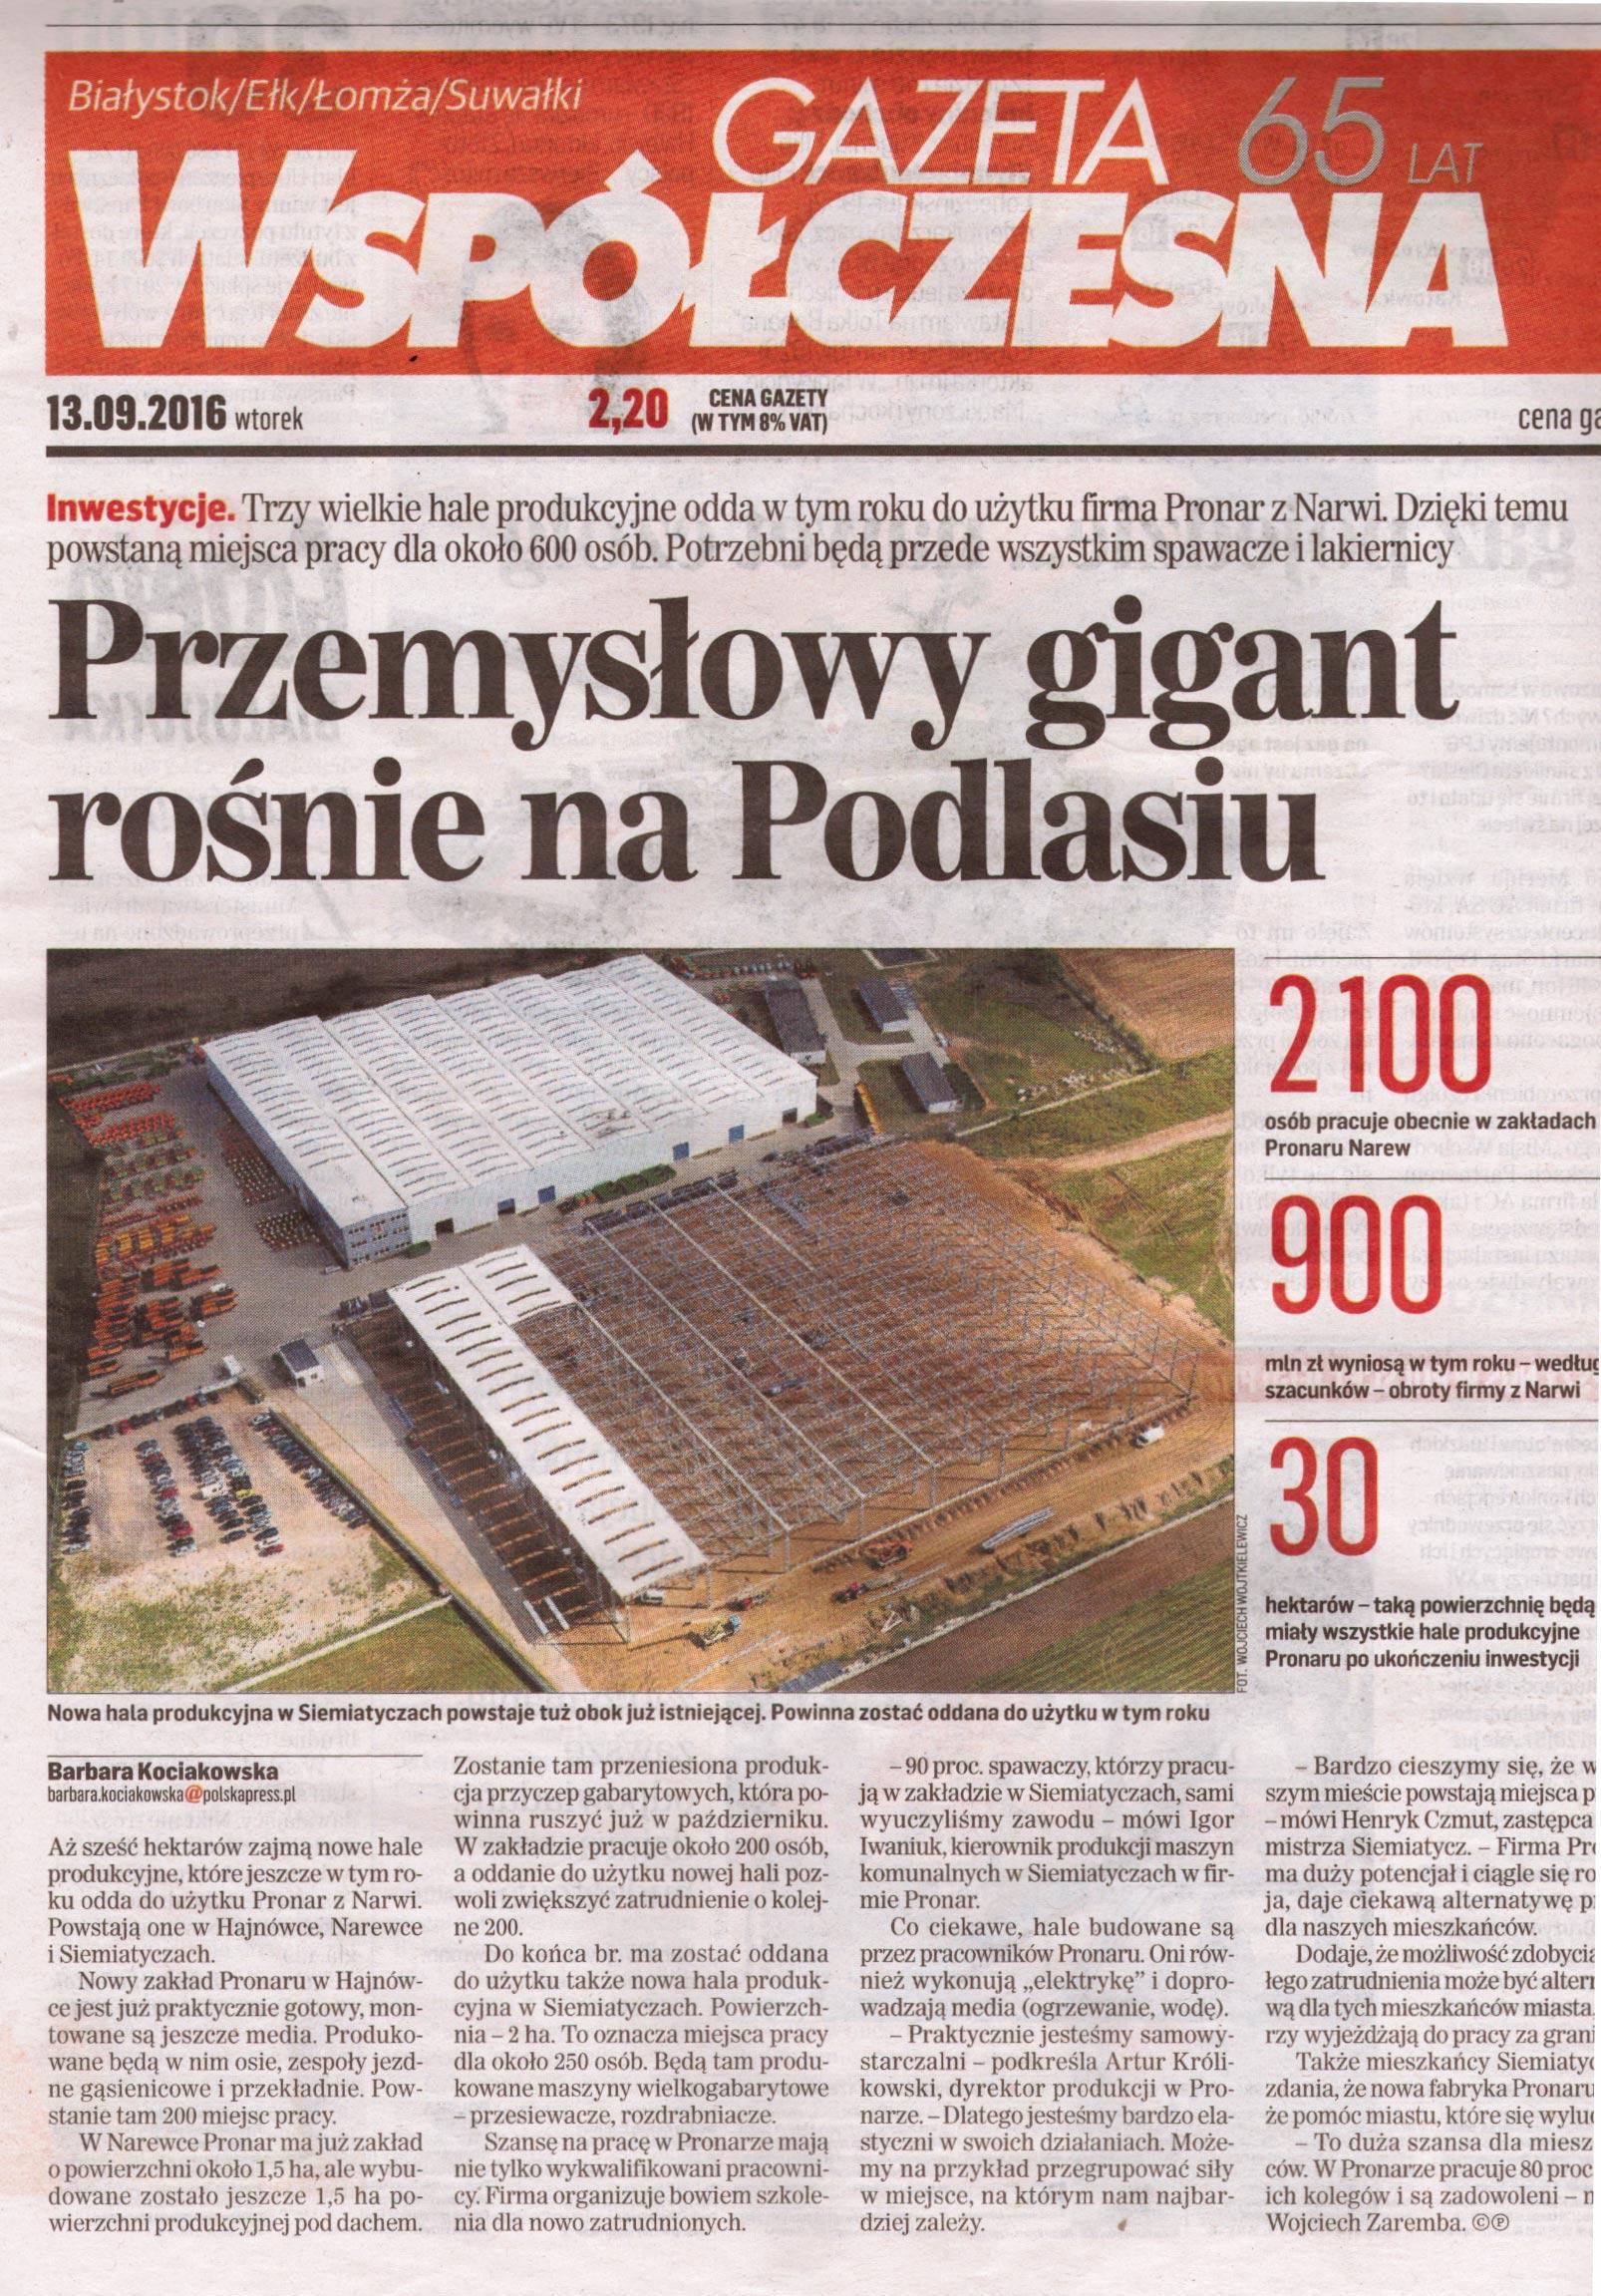 Przemysłowy gigant rośnie na Podlasiu